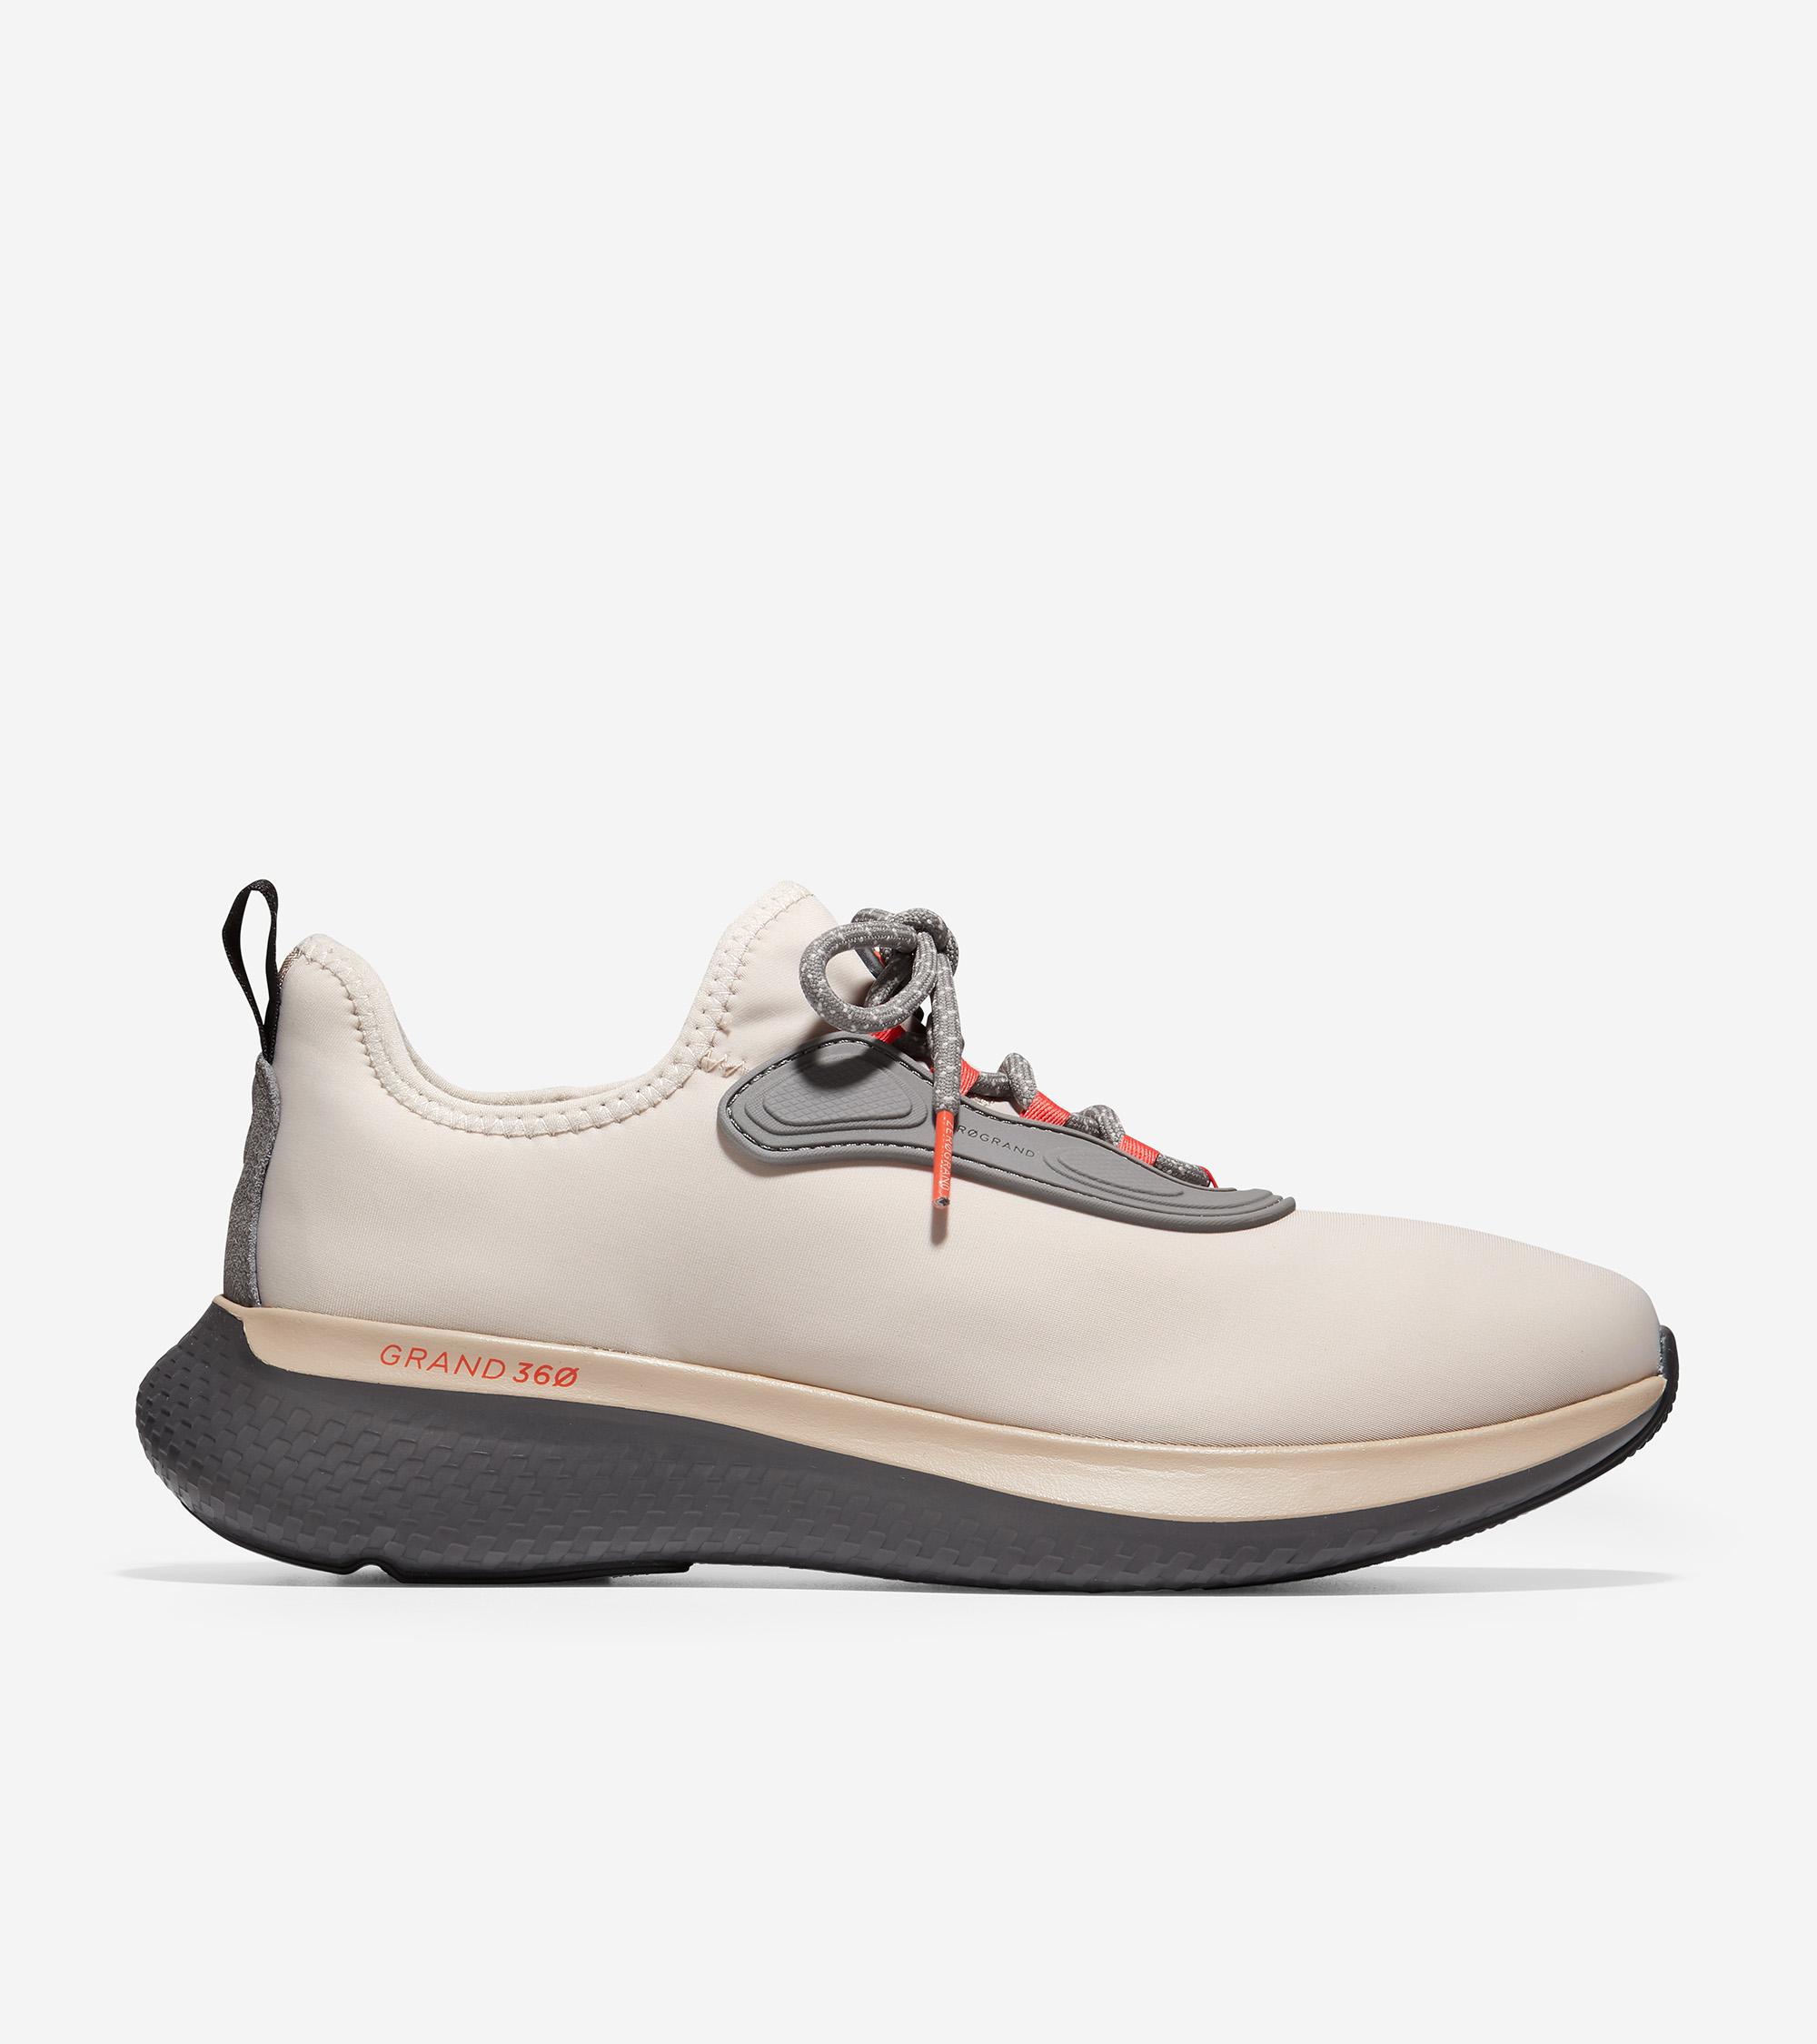 New Arrivals - Cole Haan Sneakers